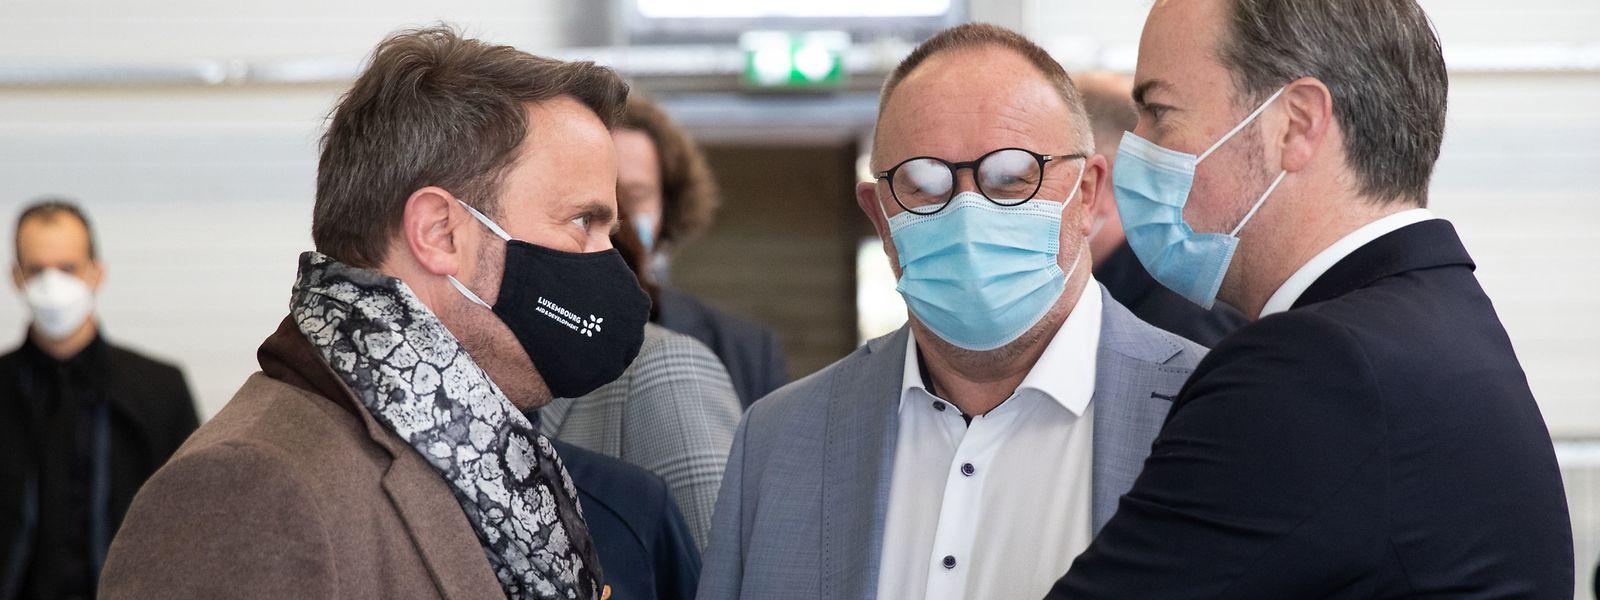 Lundi, au nouveau centre du Findel, Xavier Bettel et Romain Schneider (ministre de la Sécurité sociale) ont fait le point avec le haut-commissaire à la protection nationale sur l'avancée de la vaccination.